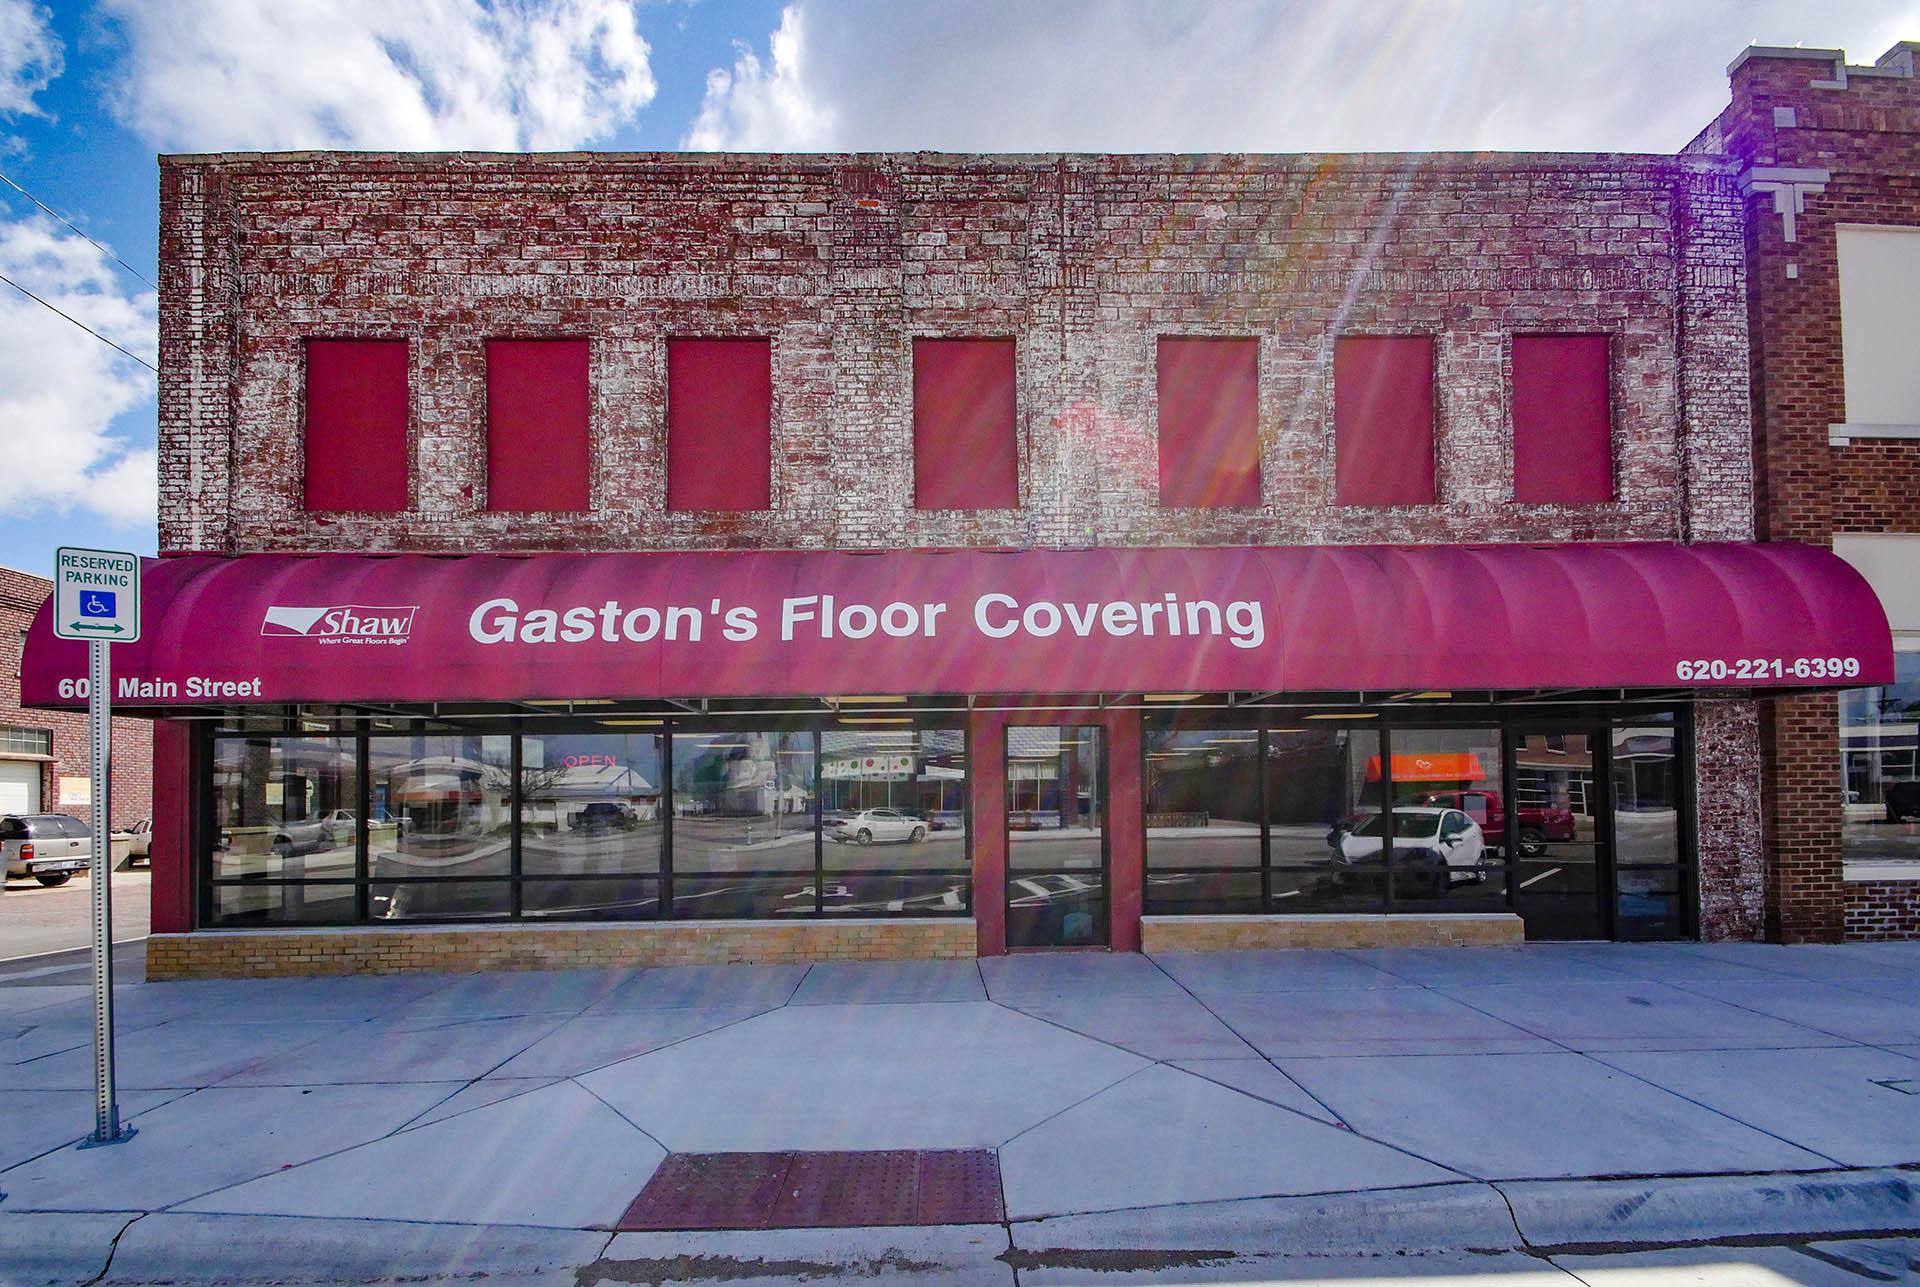 GastonsFloorCovering_Winfield01_medium.jpg